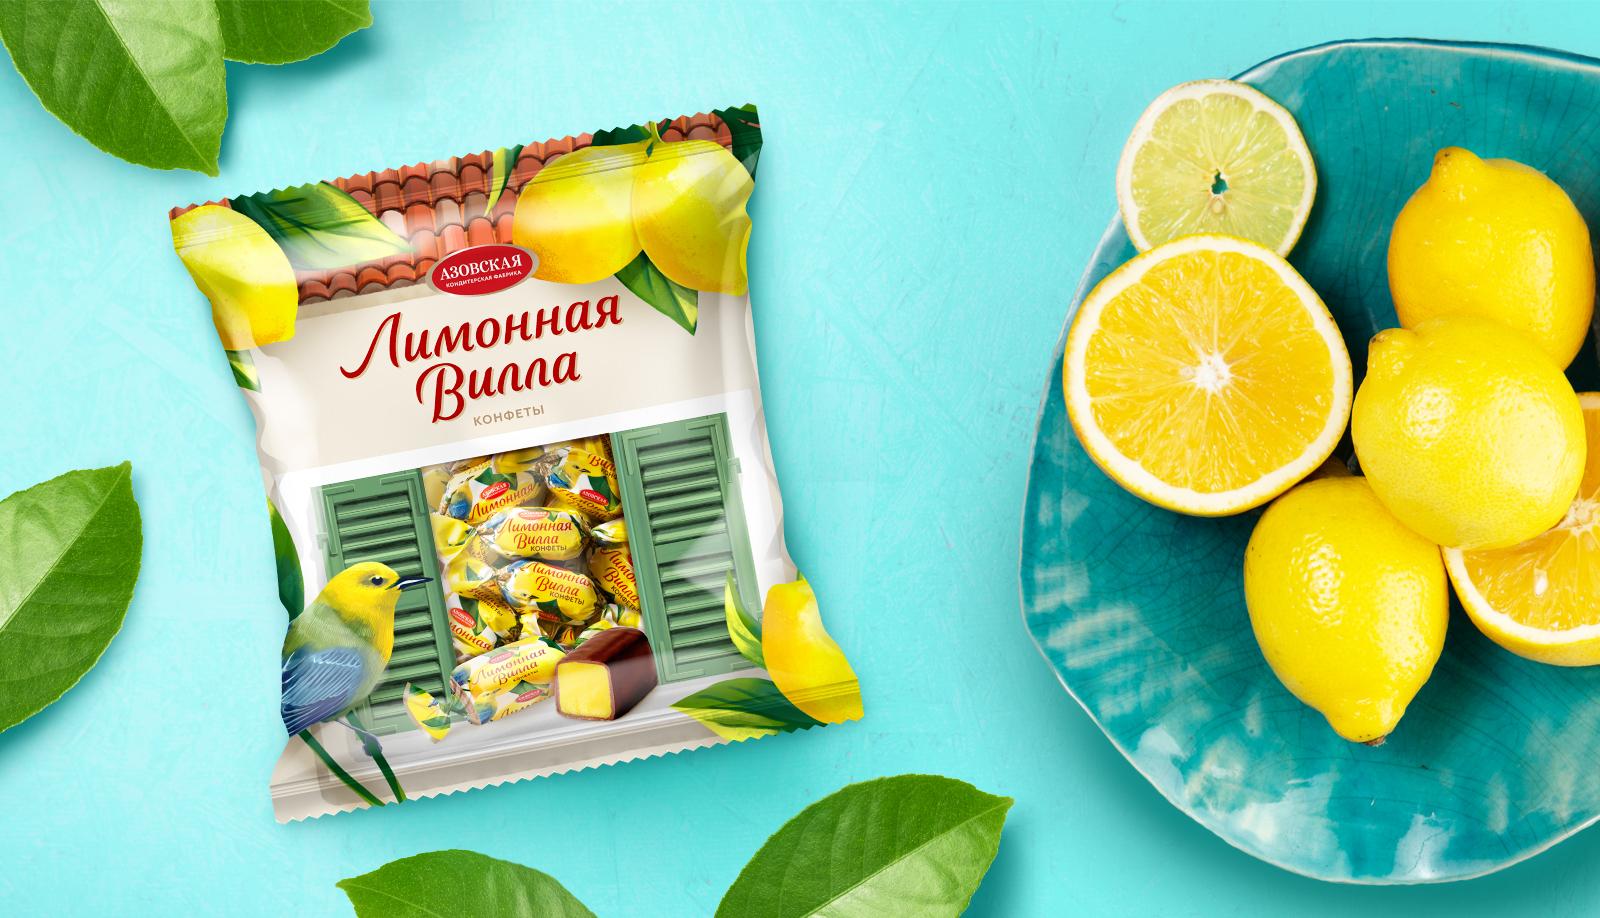 Дизайн упаковки легкой ароматной конфеты со свежим цитрусовым вкусом «Лимонная Вилла» формирует образ итальянской виллы, цветущего сада, в котором растут самые крупные сочные спелые лимоны.